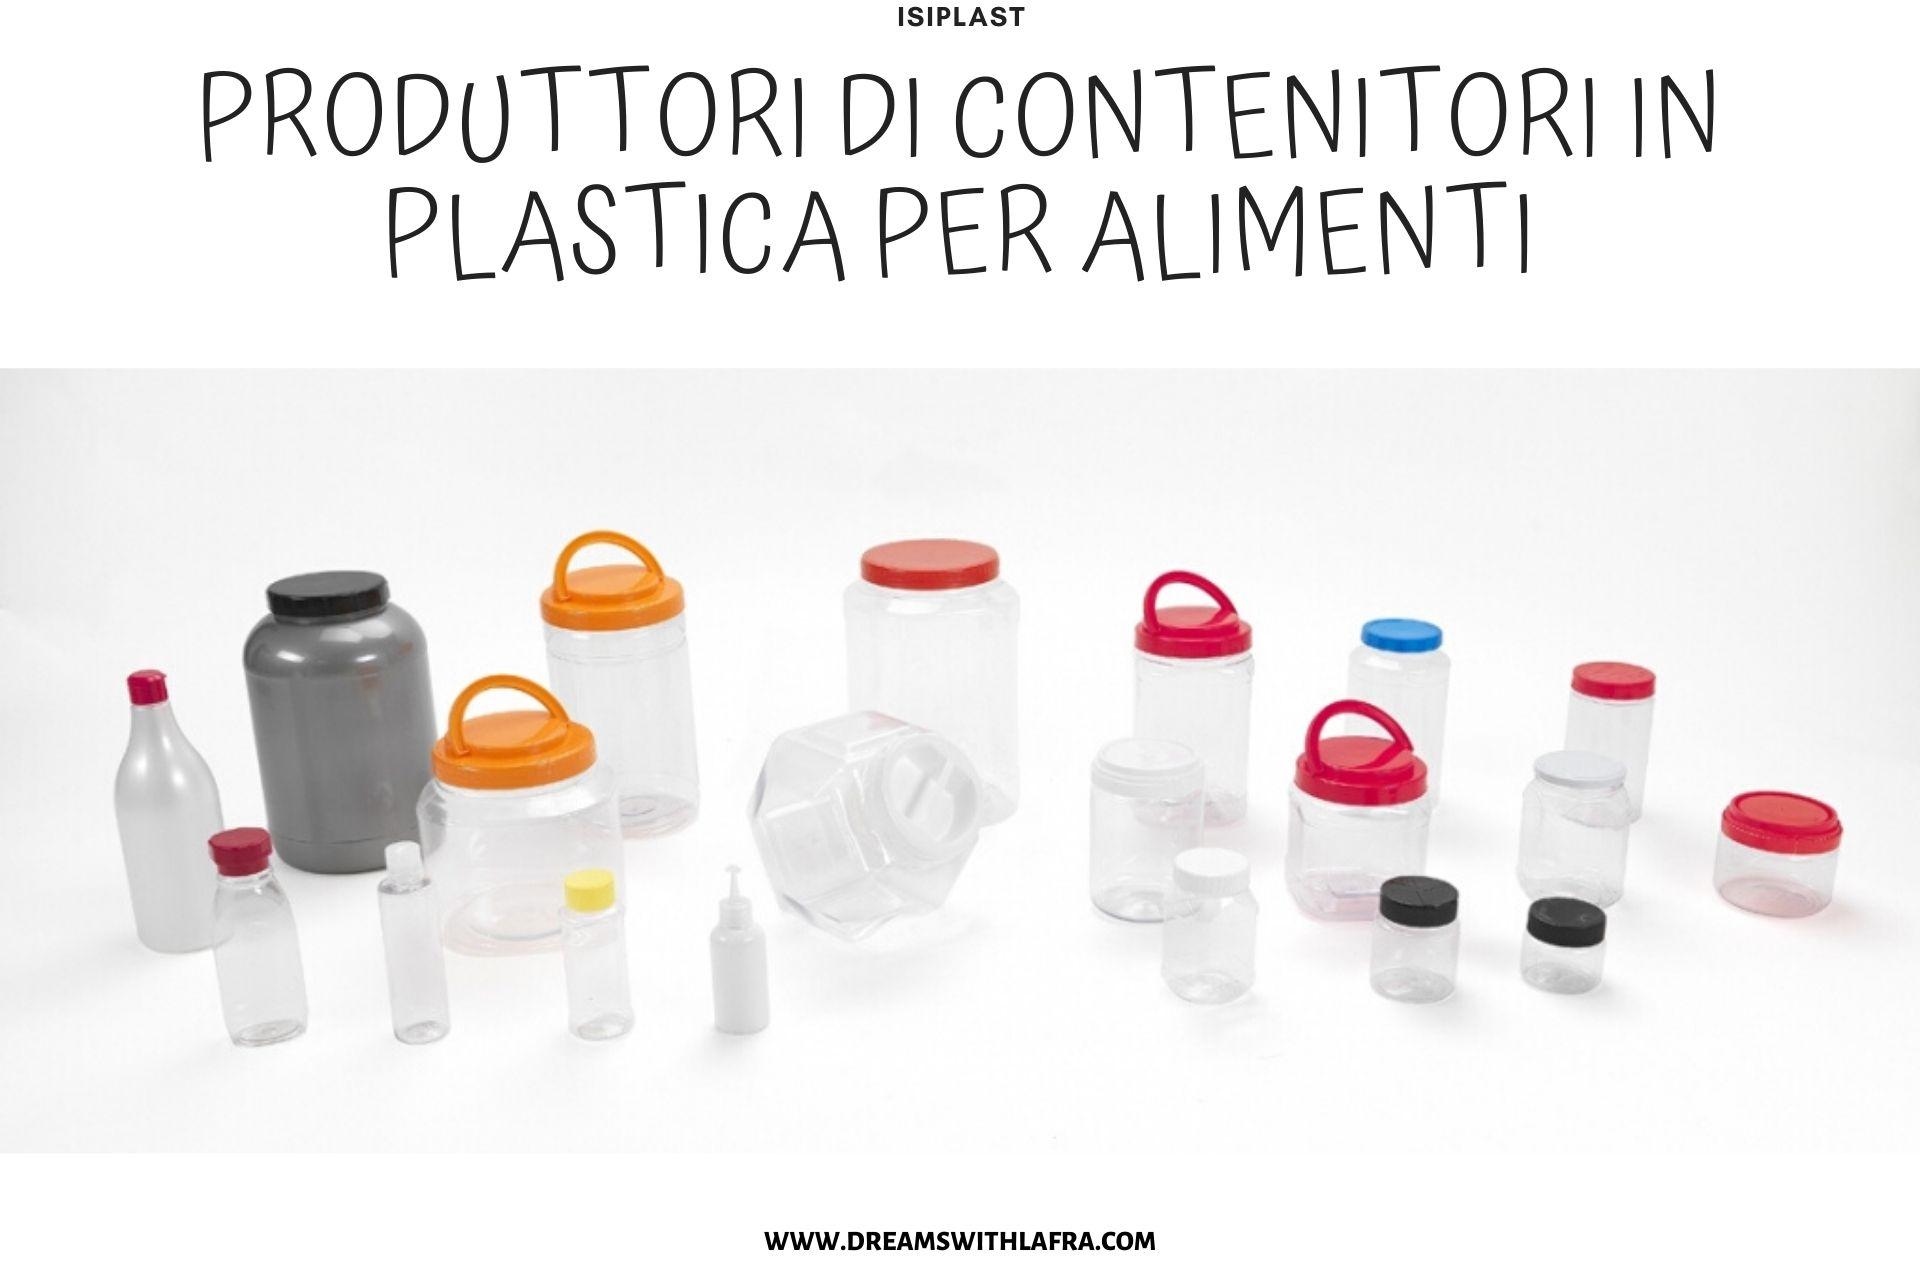 Isiplast produttori di contenitori in plastica per alimenti